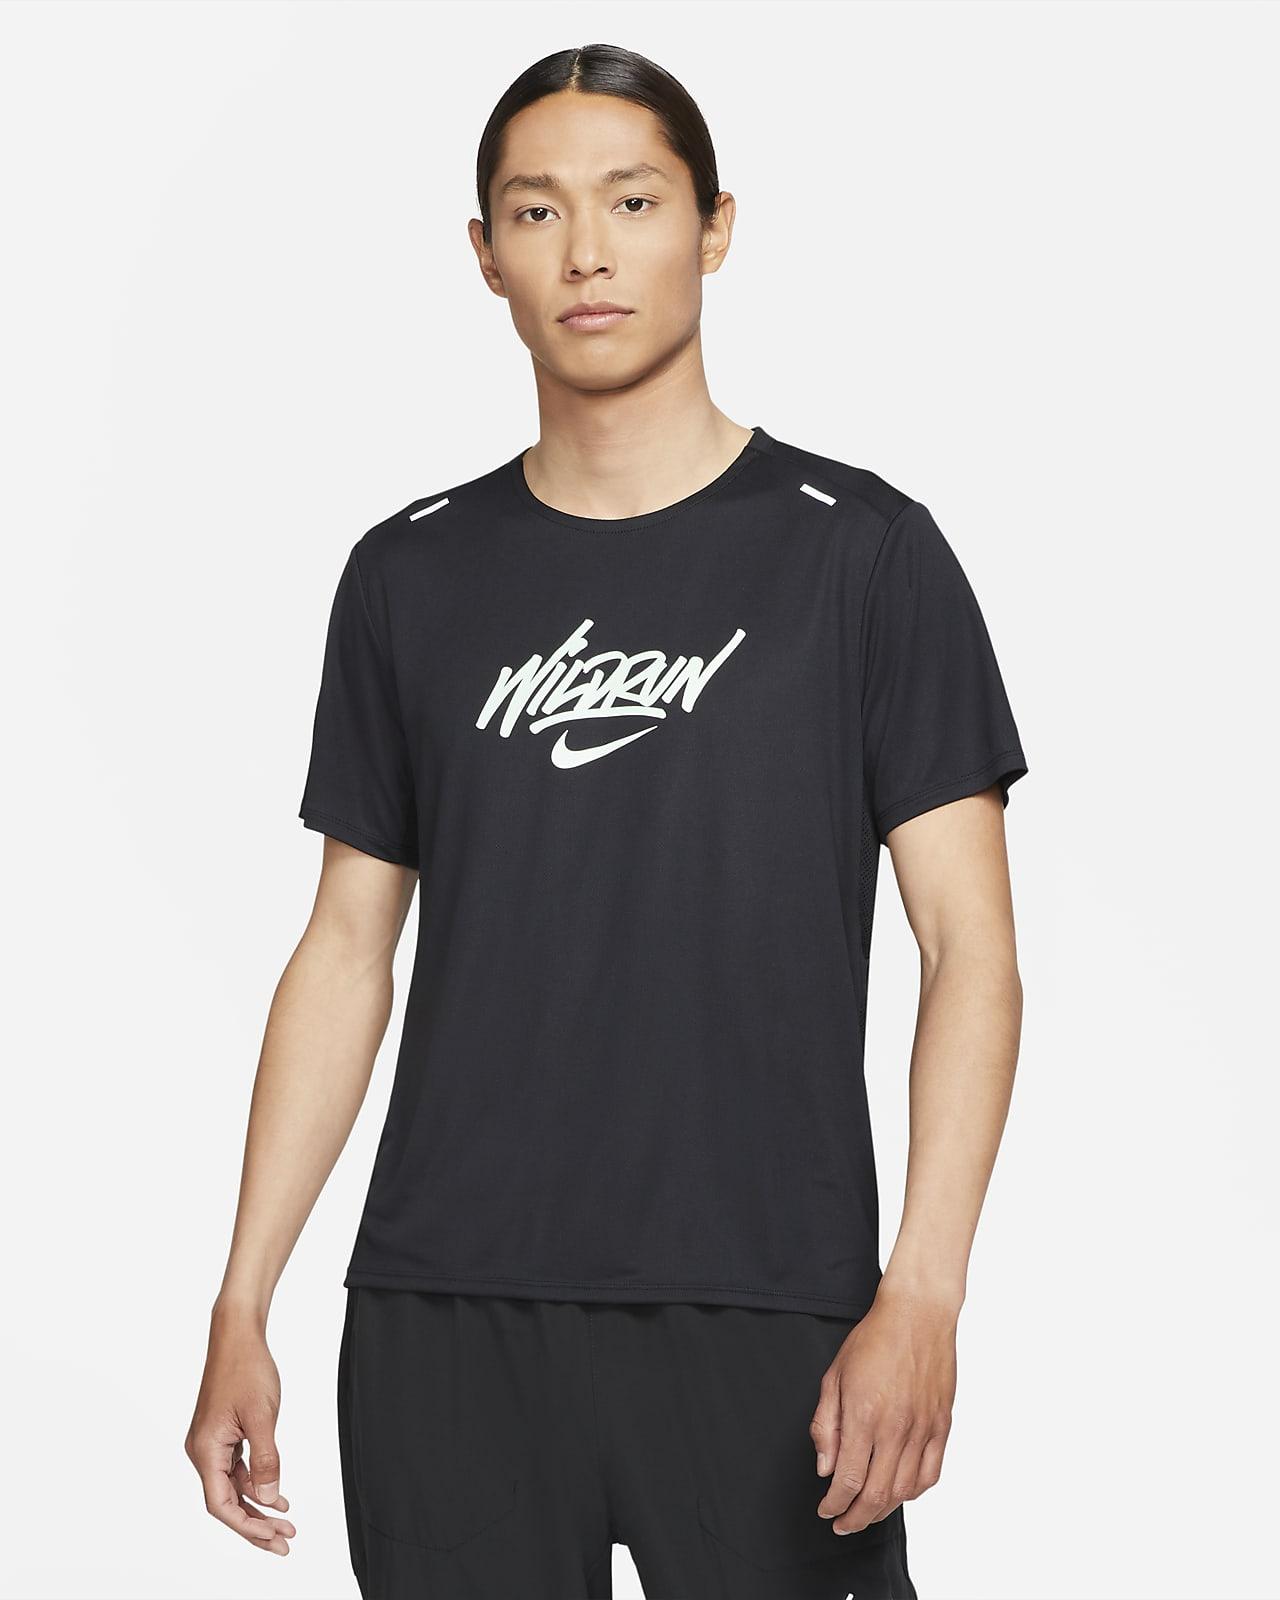 เสื้อวิ่งแขนสั้นผู้ชาย Nike Rise 365 Wild Run